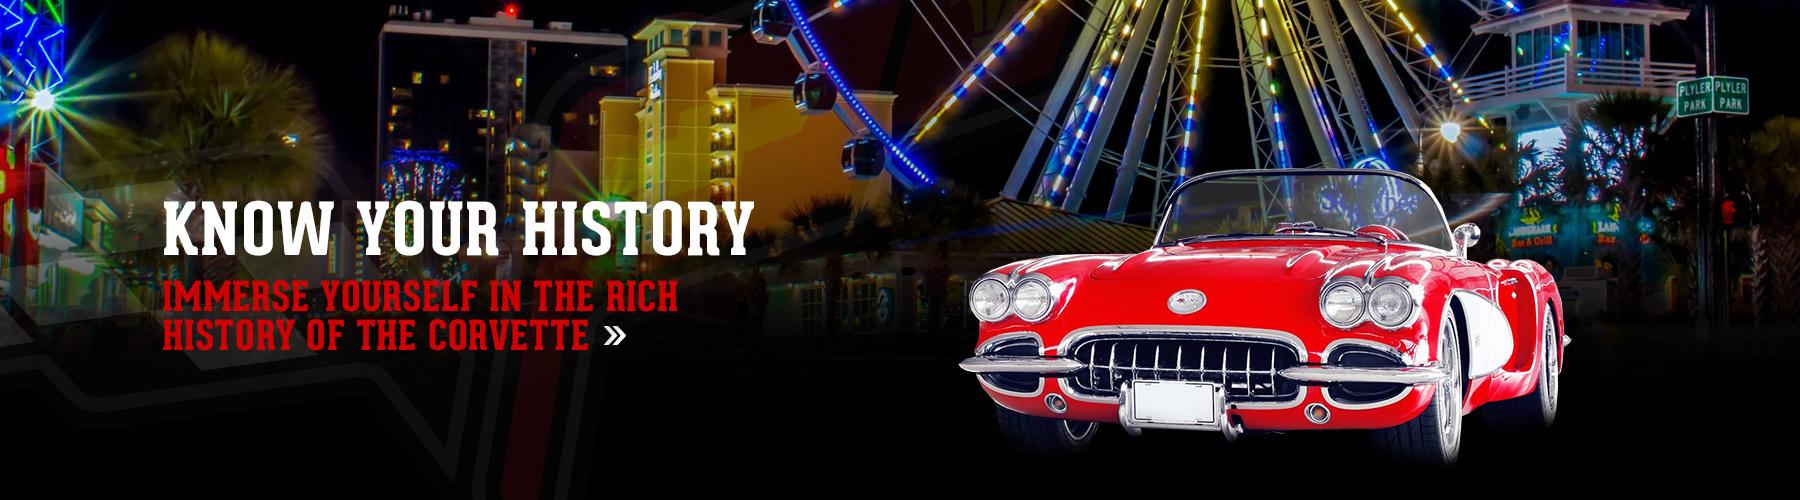 history of the chevrolet corvette